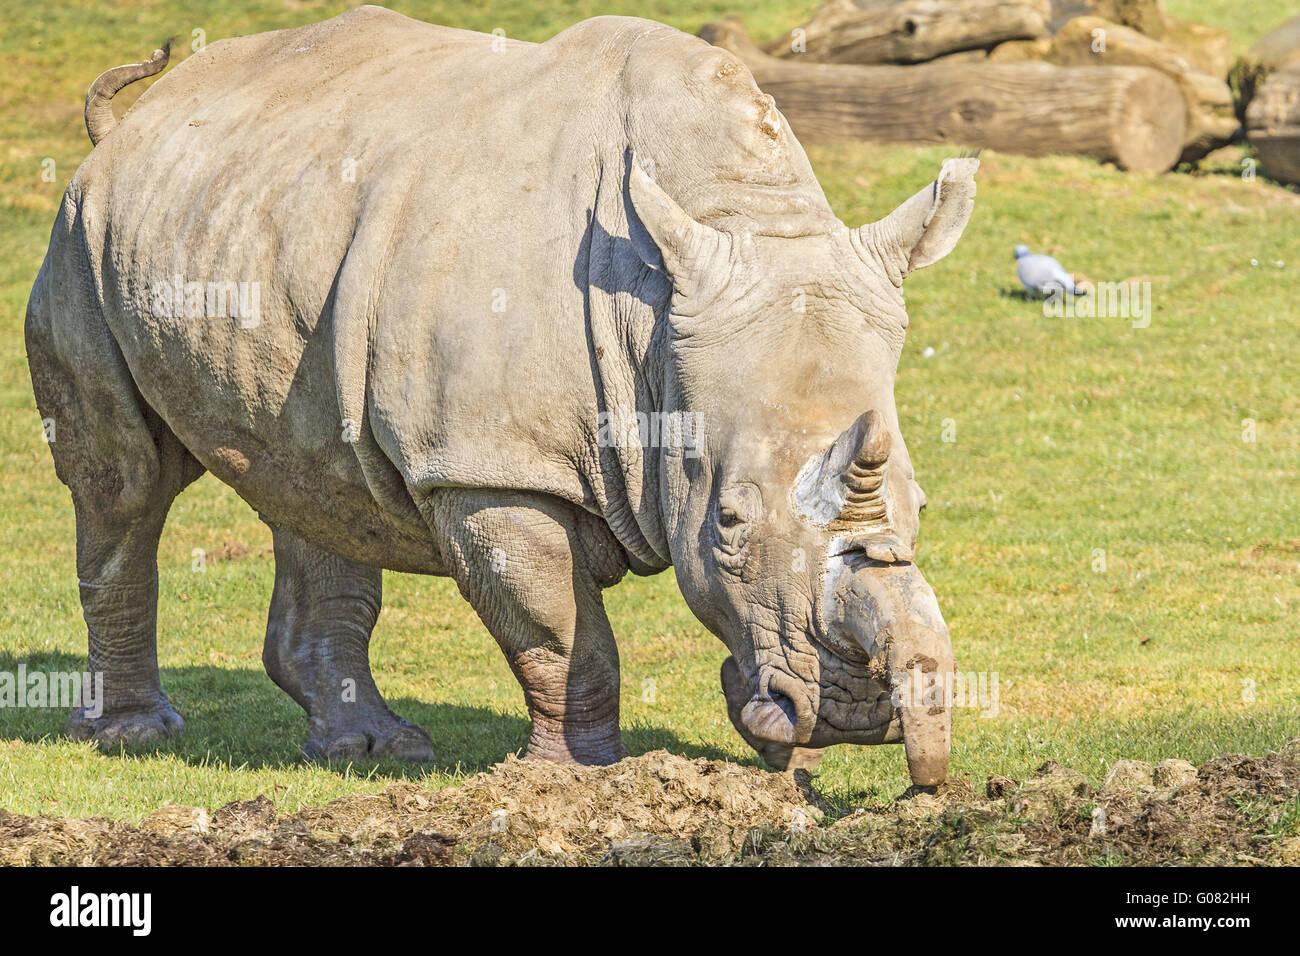 White Rhino (Ceratotherium simum) Visiting Its Mid - Stock Image